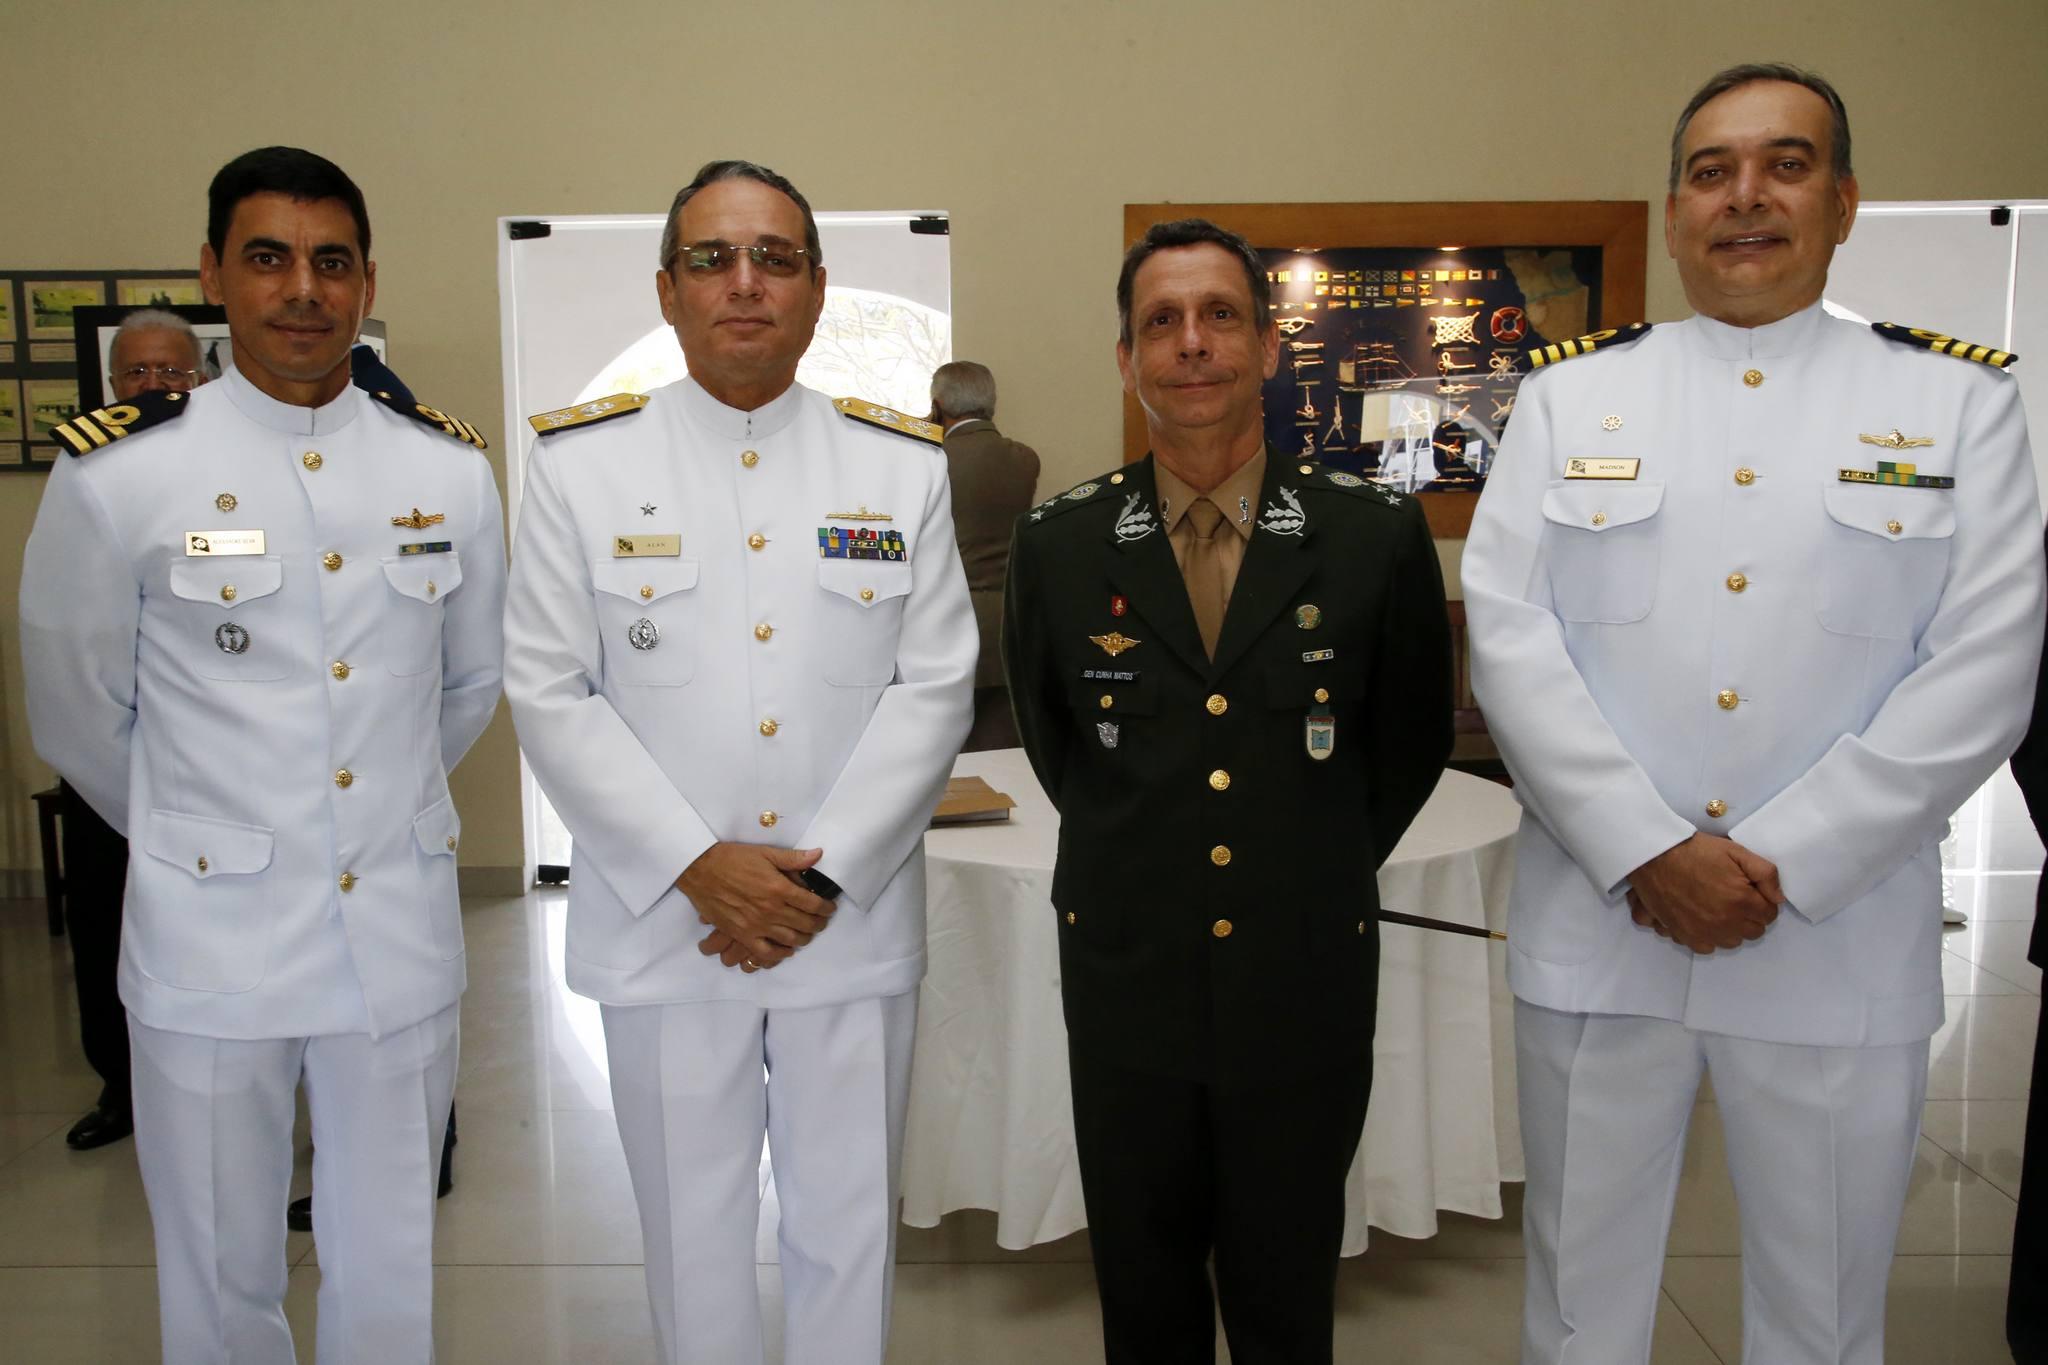 Escola de Aprendizes-Marinheiros do Ceará realiza cerimônia de formatura e Juramento à Bandeira